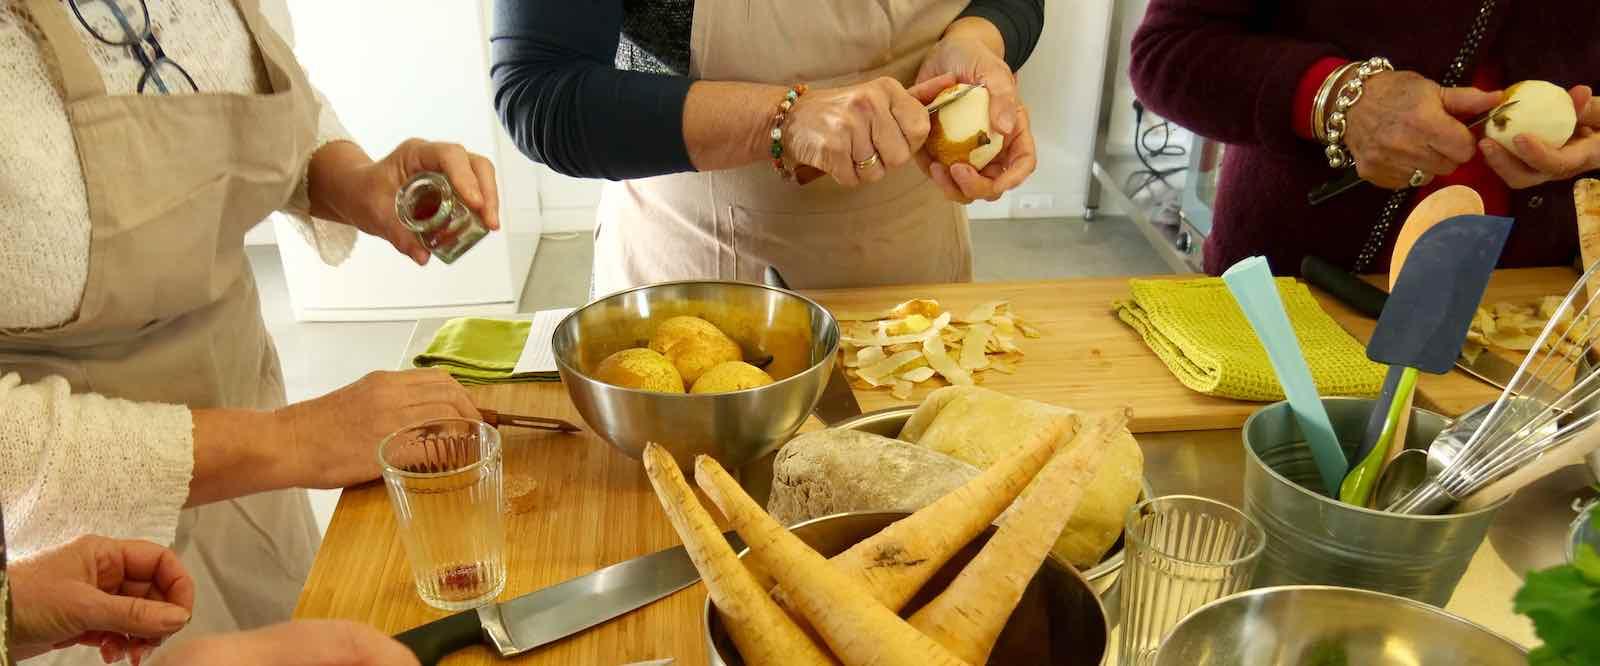 Cours de cuisine historique à Toulouse